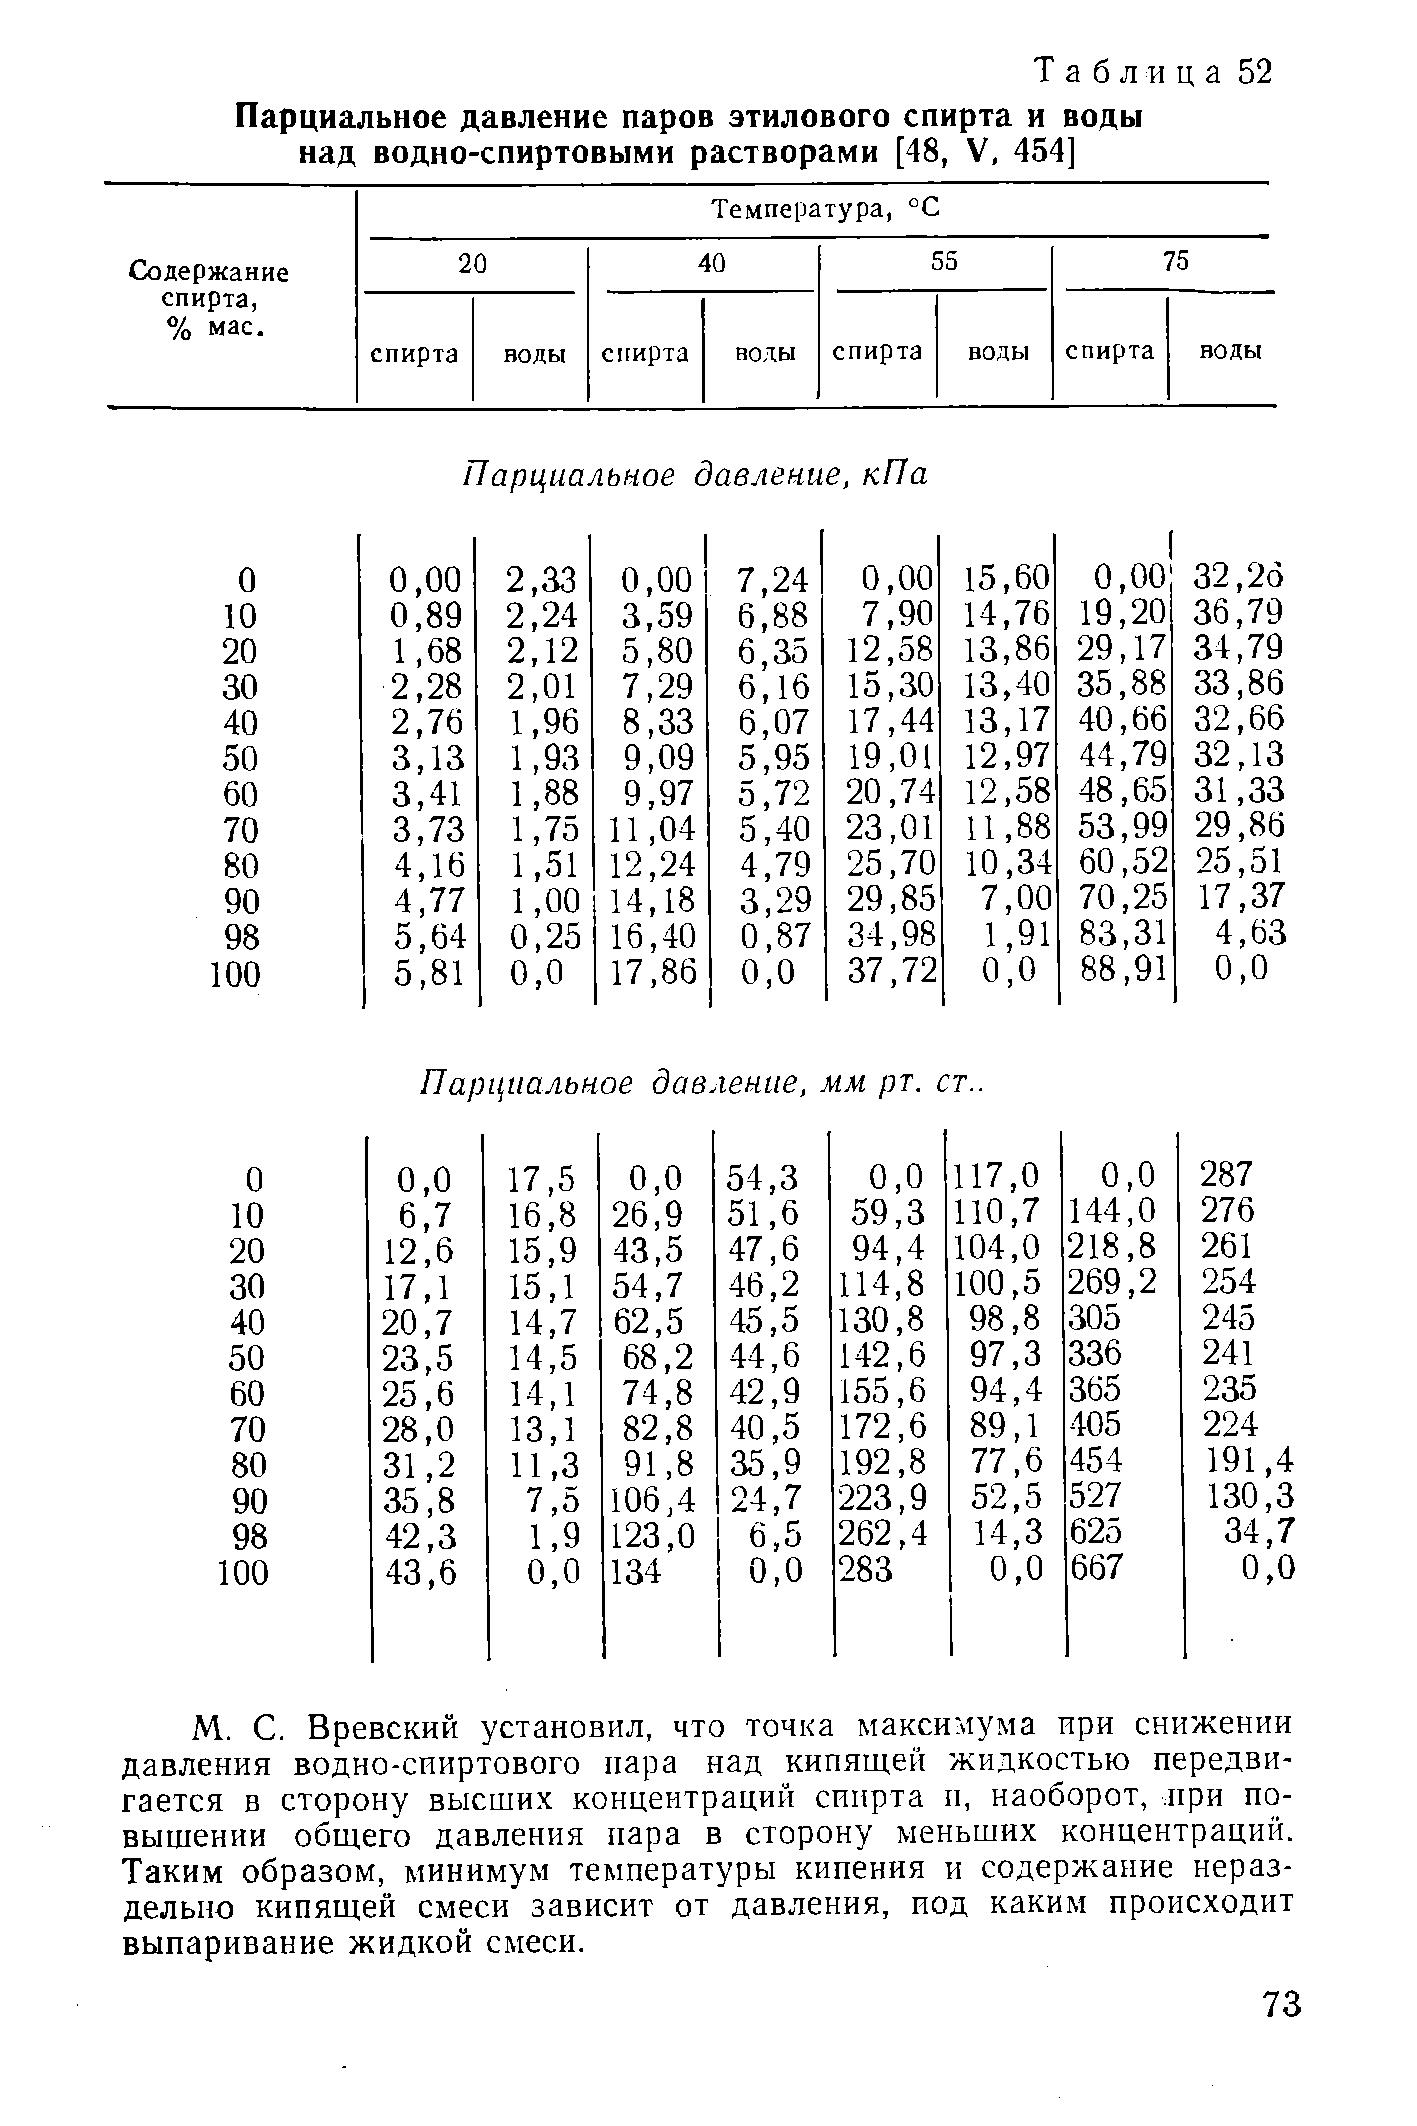 Коэффициенты испарения и ректификации. промежуточные примеси